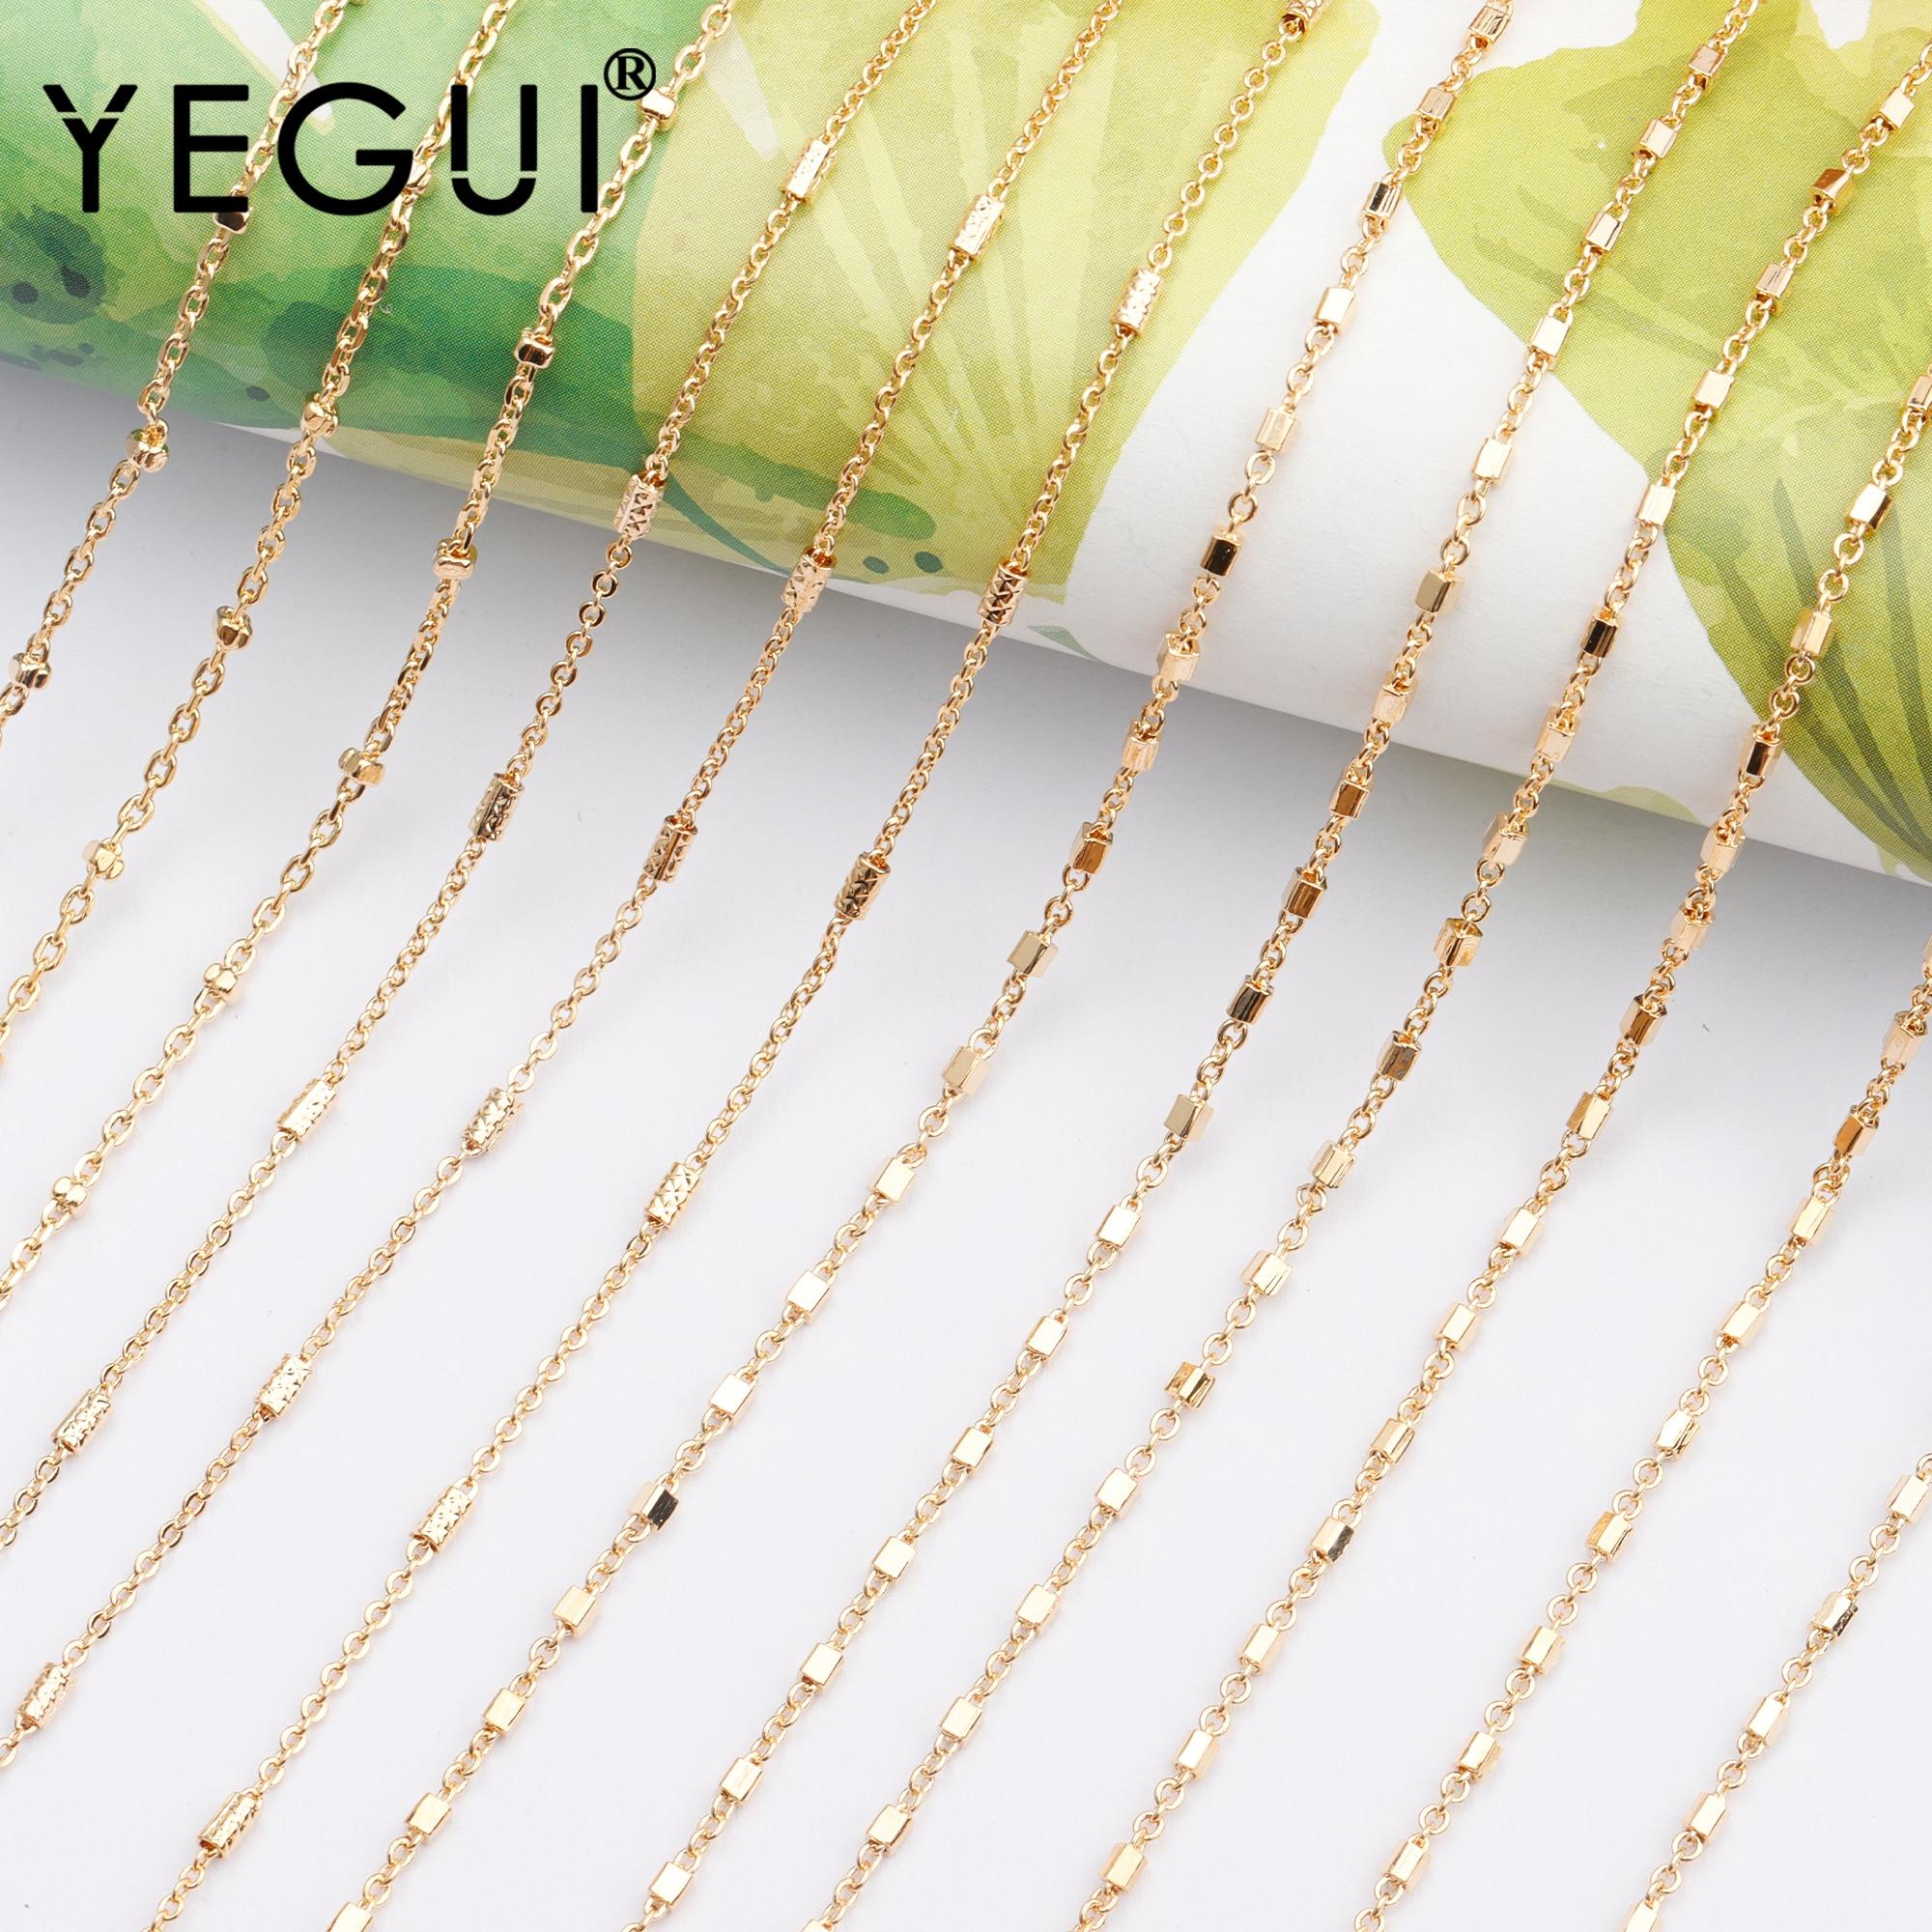 Yegui c103, acessórios de jóias, 18k banhado a ouro, 0.3 mícrons, corrente diy, feito à mão, fazer jóias, diy pulseira colar, 3 m/lote